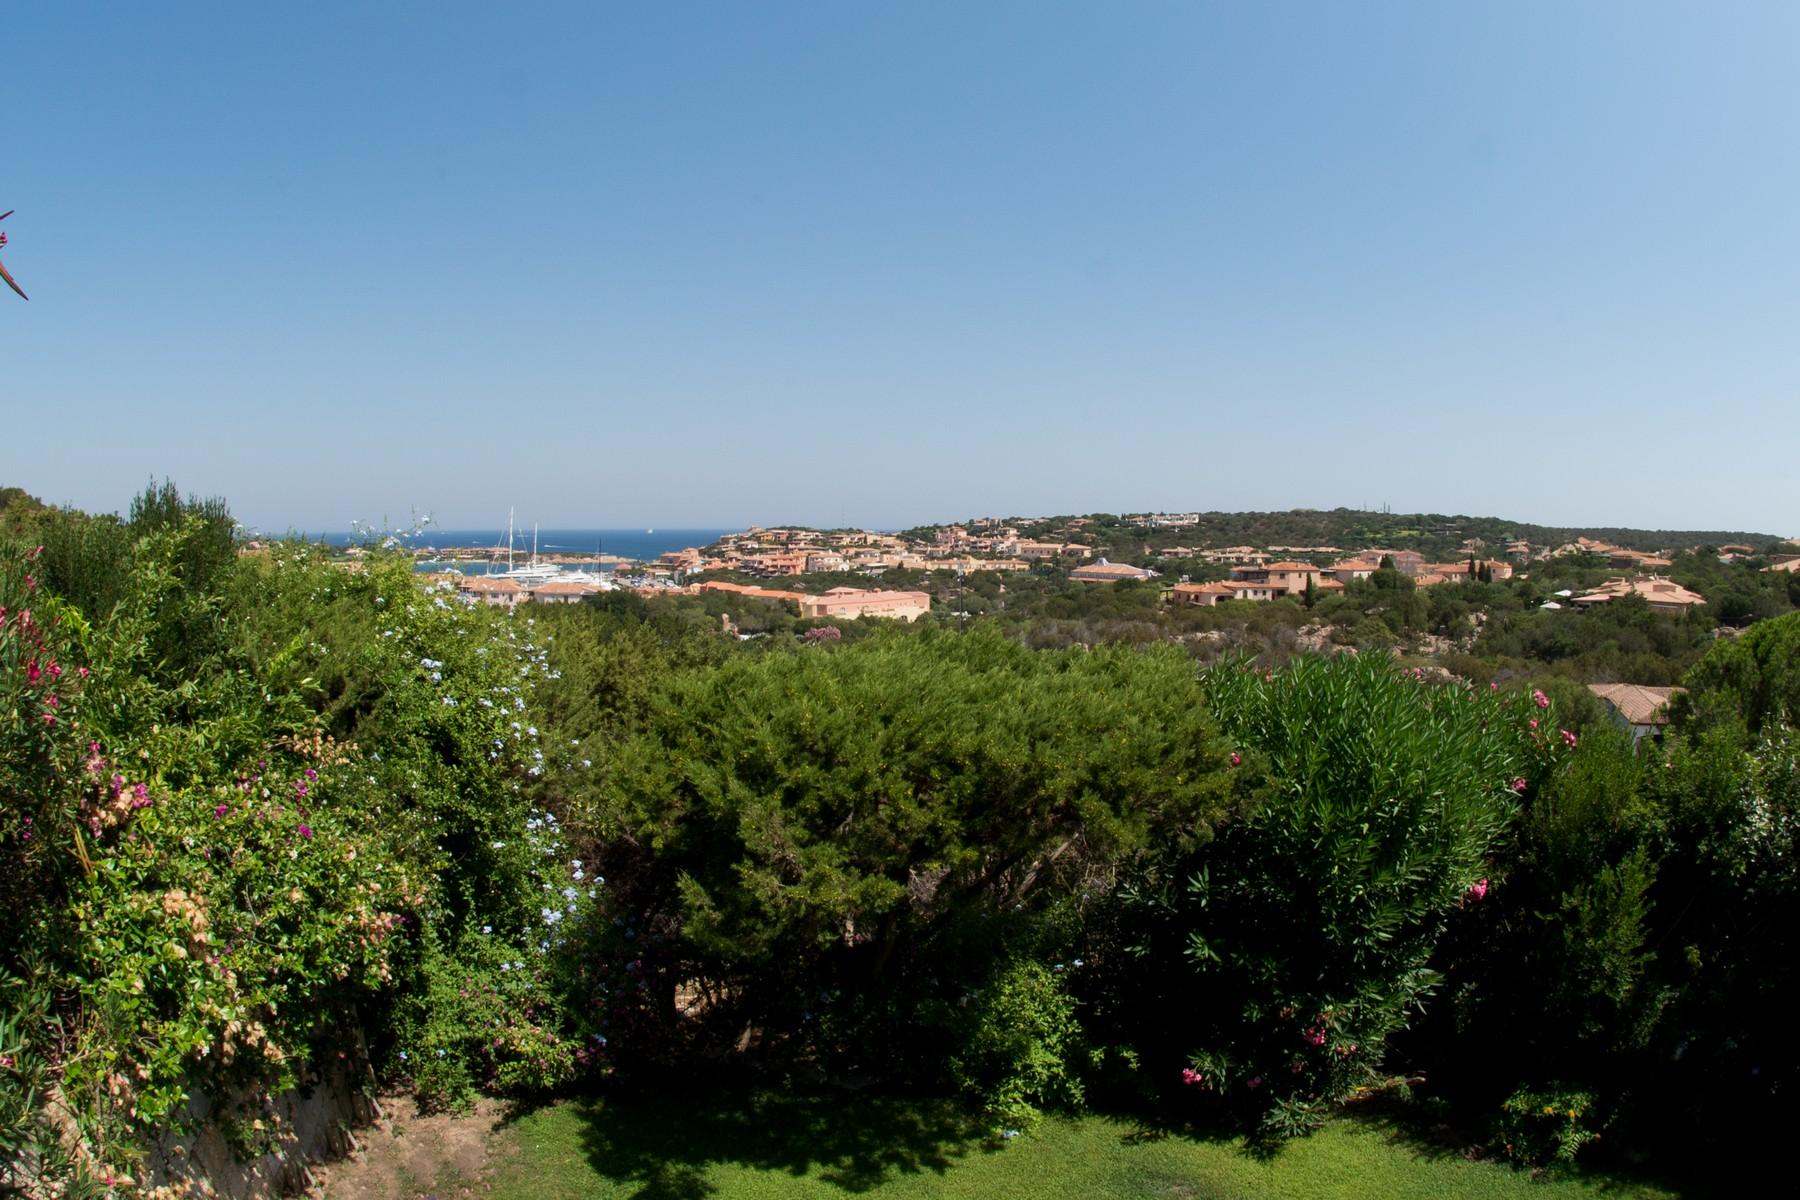 Porto Cervo Centro Замечательный таунхаус с видом на море и центр Порто Черво, Сардиния, Италия - 16